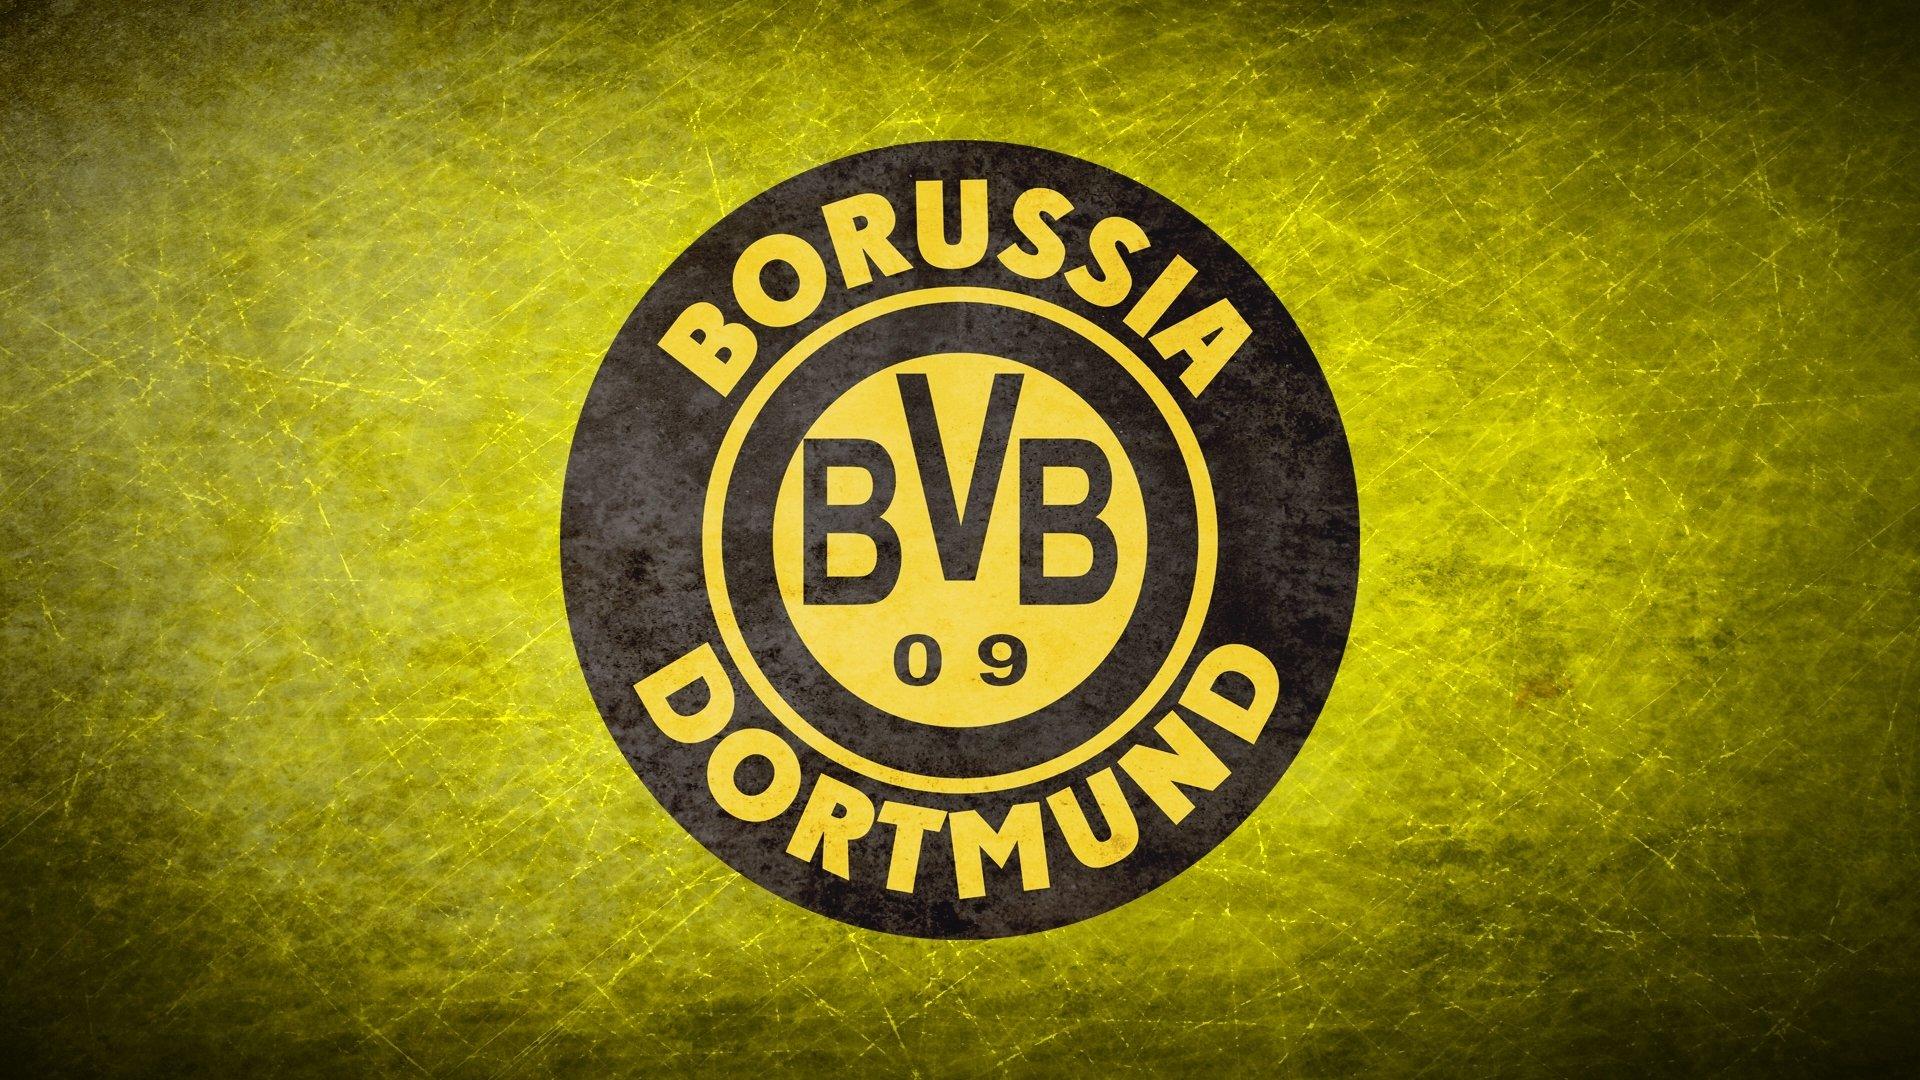 Боруссия дортмунд hd картинки